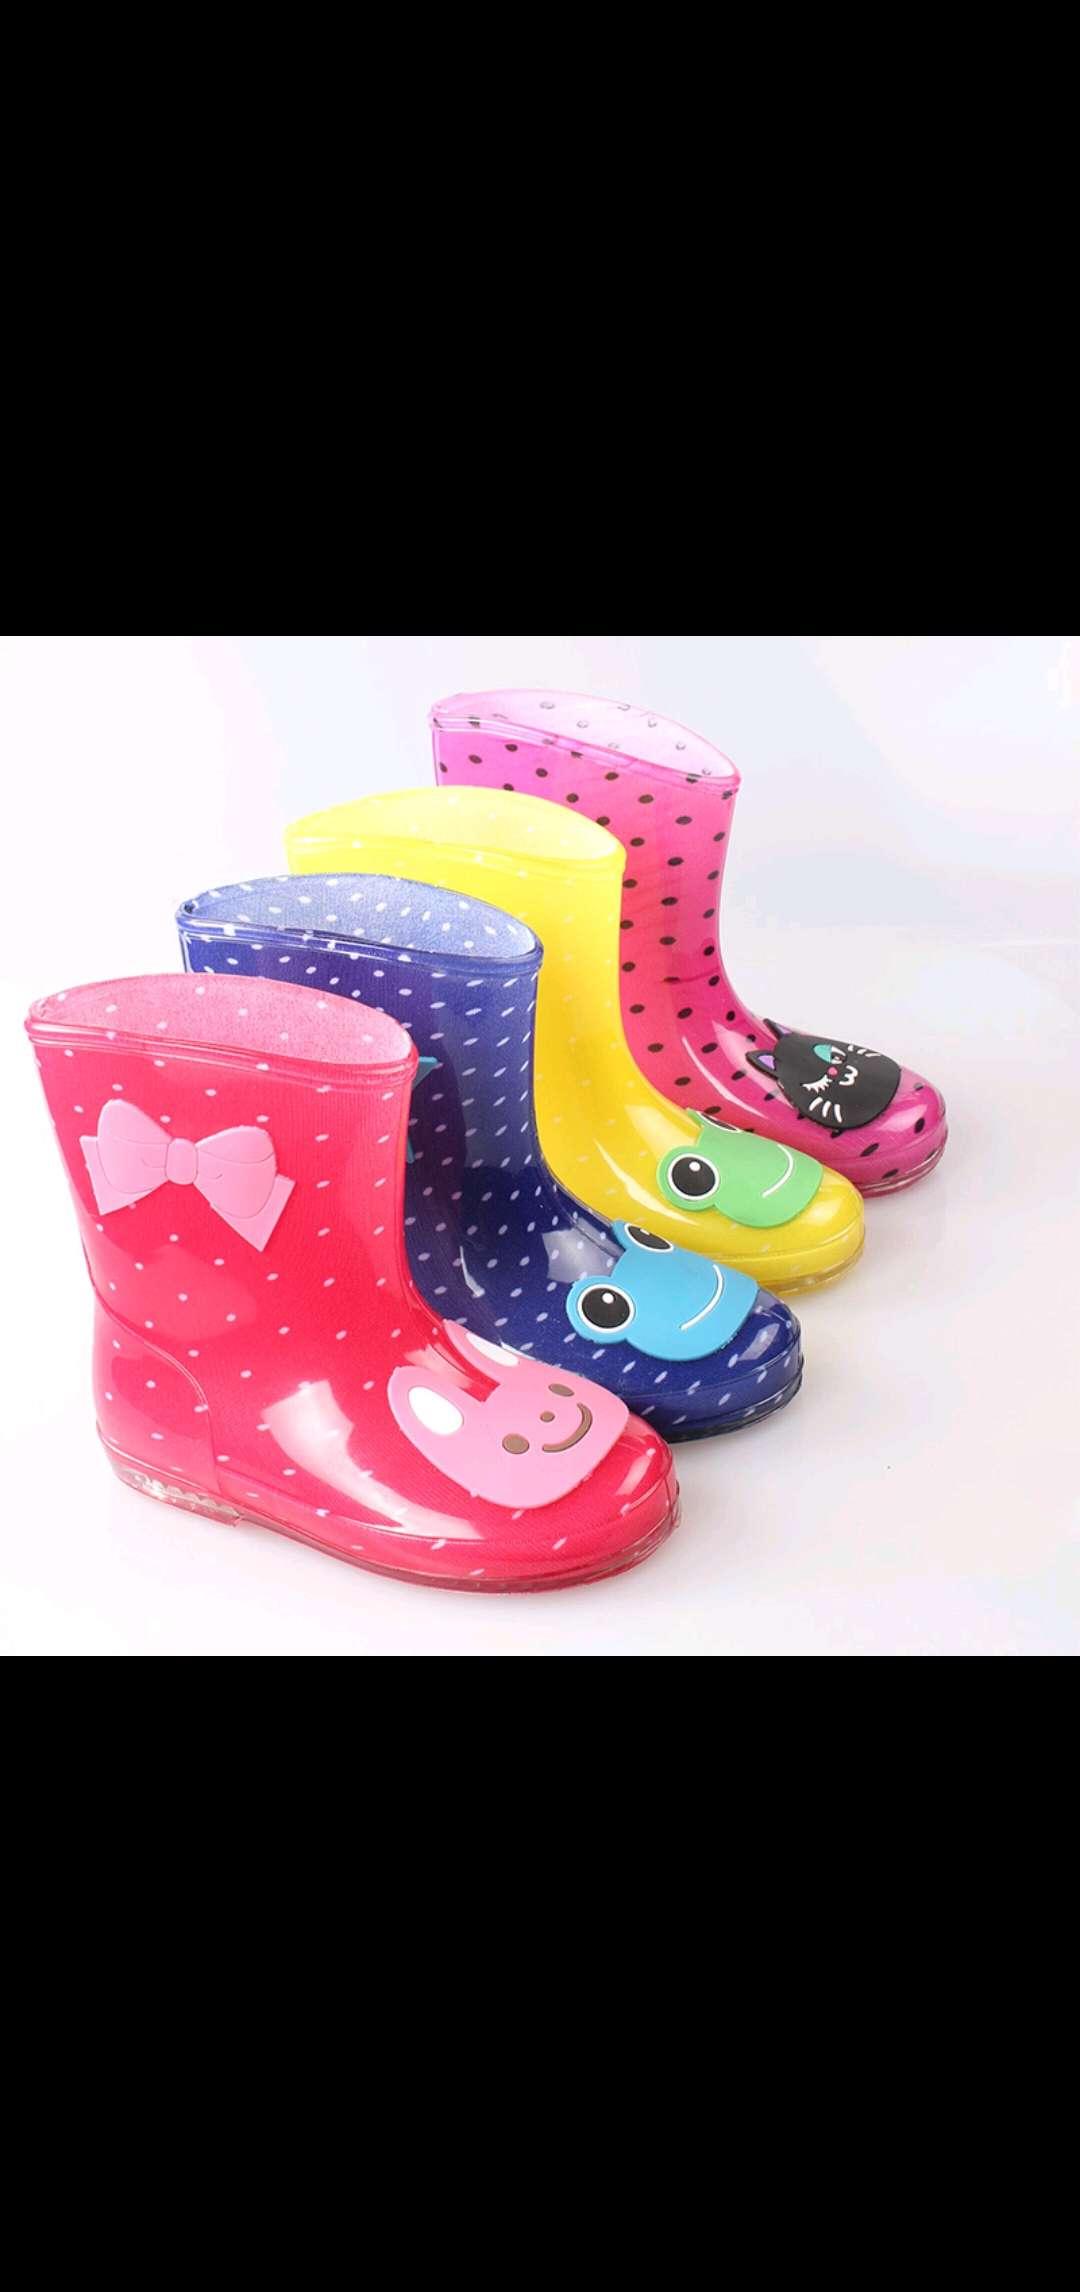 新款男女PVC儿童卡通韩版水晶防滑耐磨儿童雨鞋